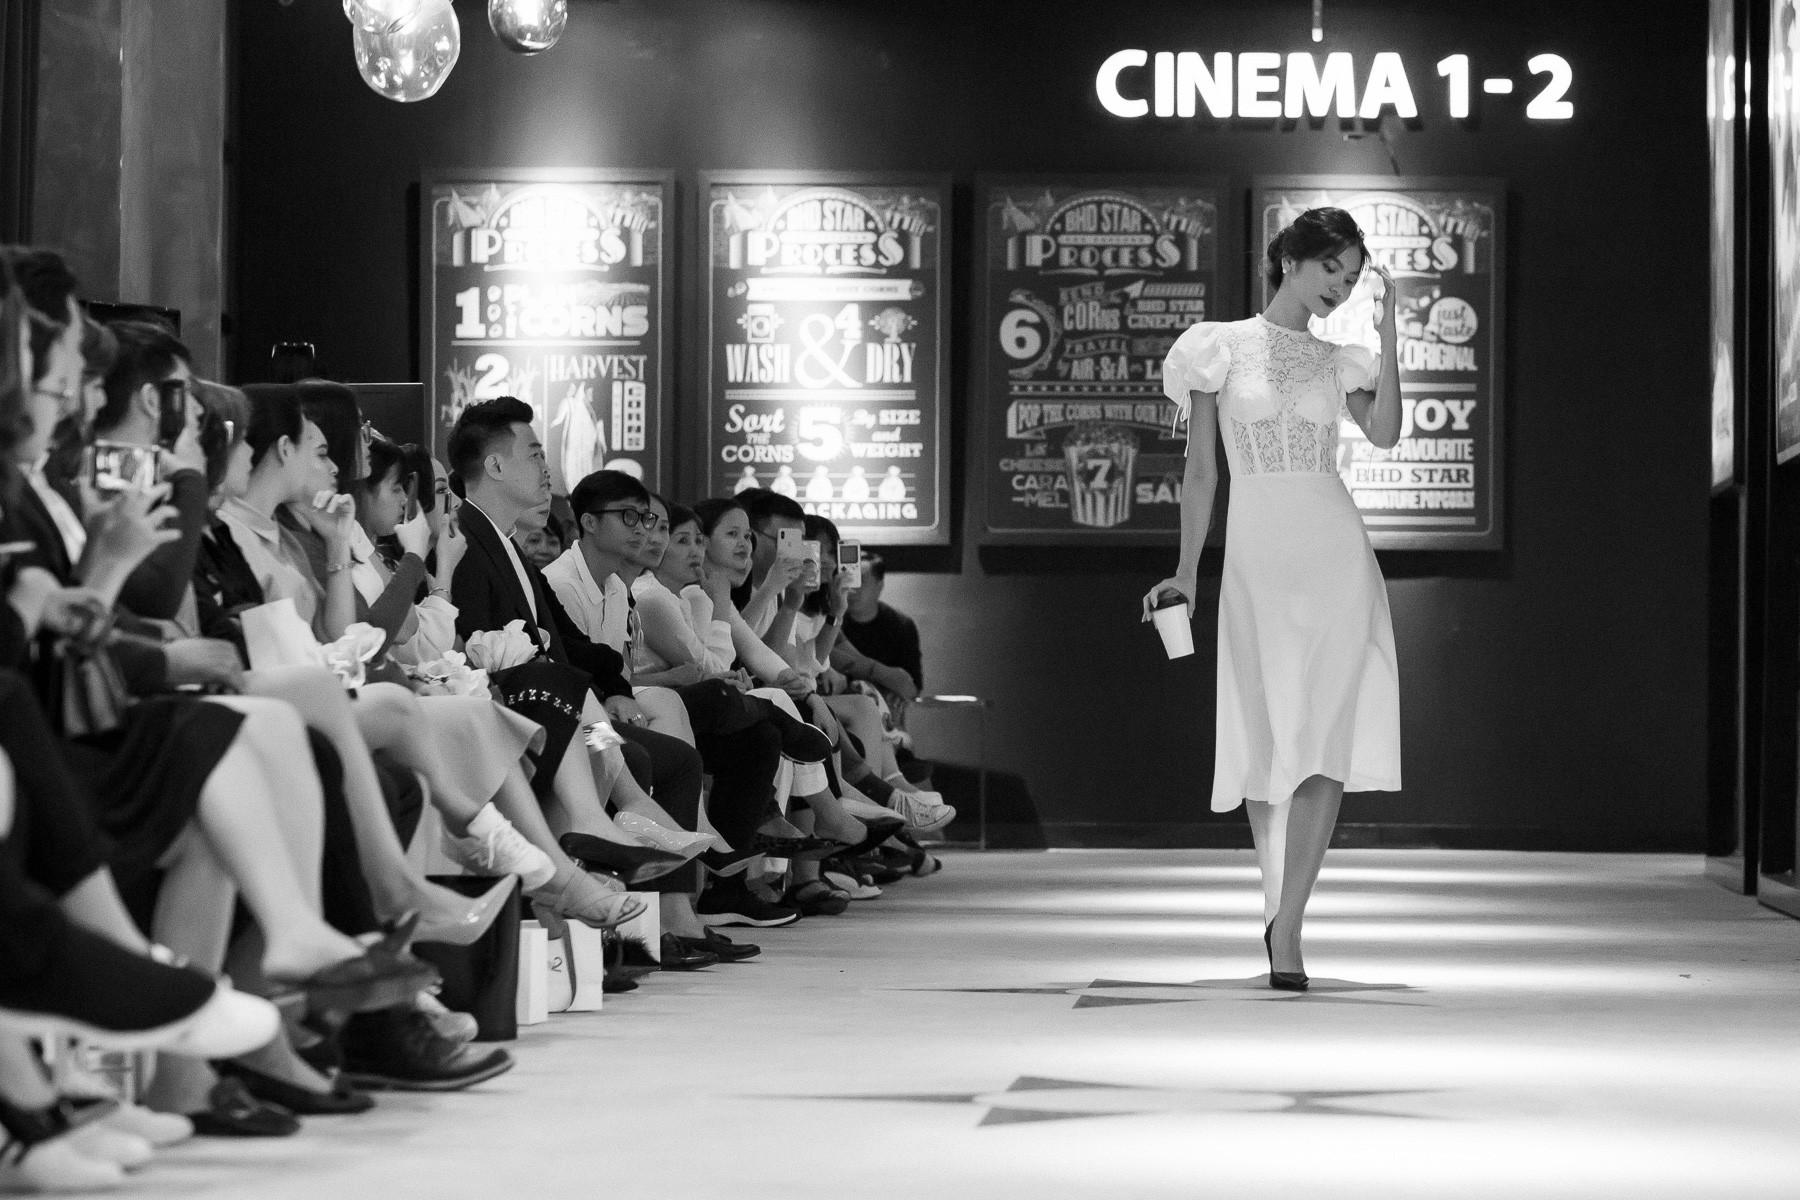 Dàn sao Gái Già Lắm Chiêu 2 bất ngờ gây náo loạn sàn catwalk, chinh phục công chúng bằng BTS ấn tượng của Lâm Gia Khang - Ảnh 10.